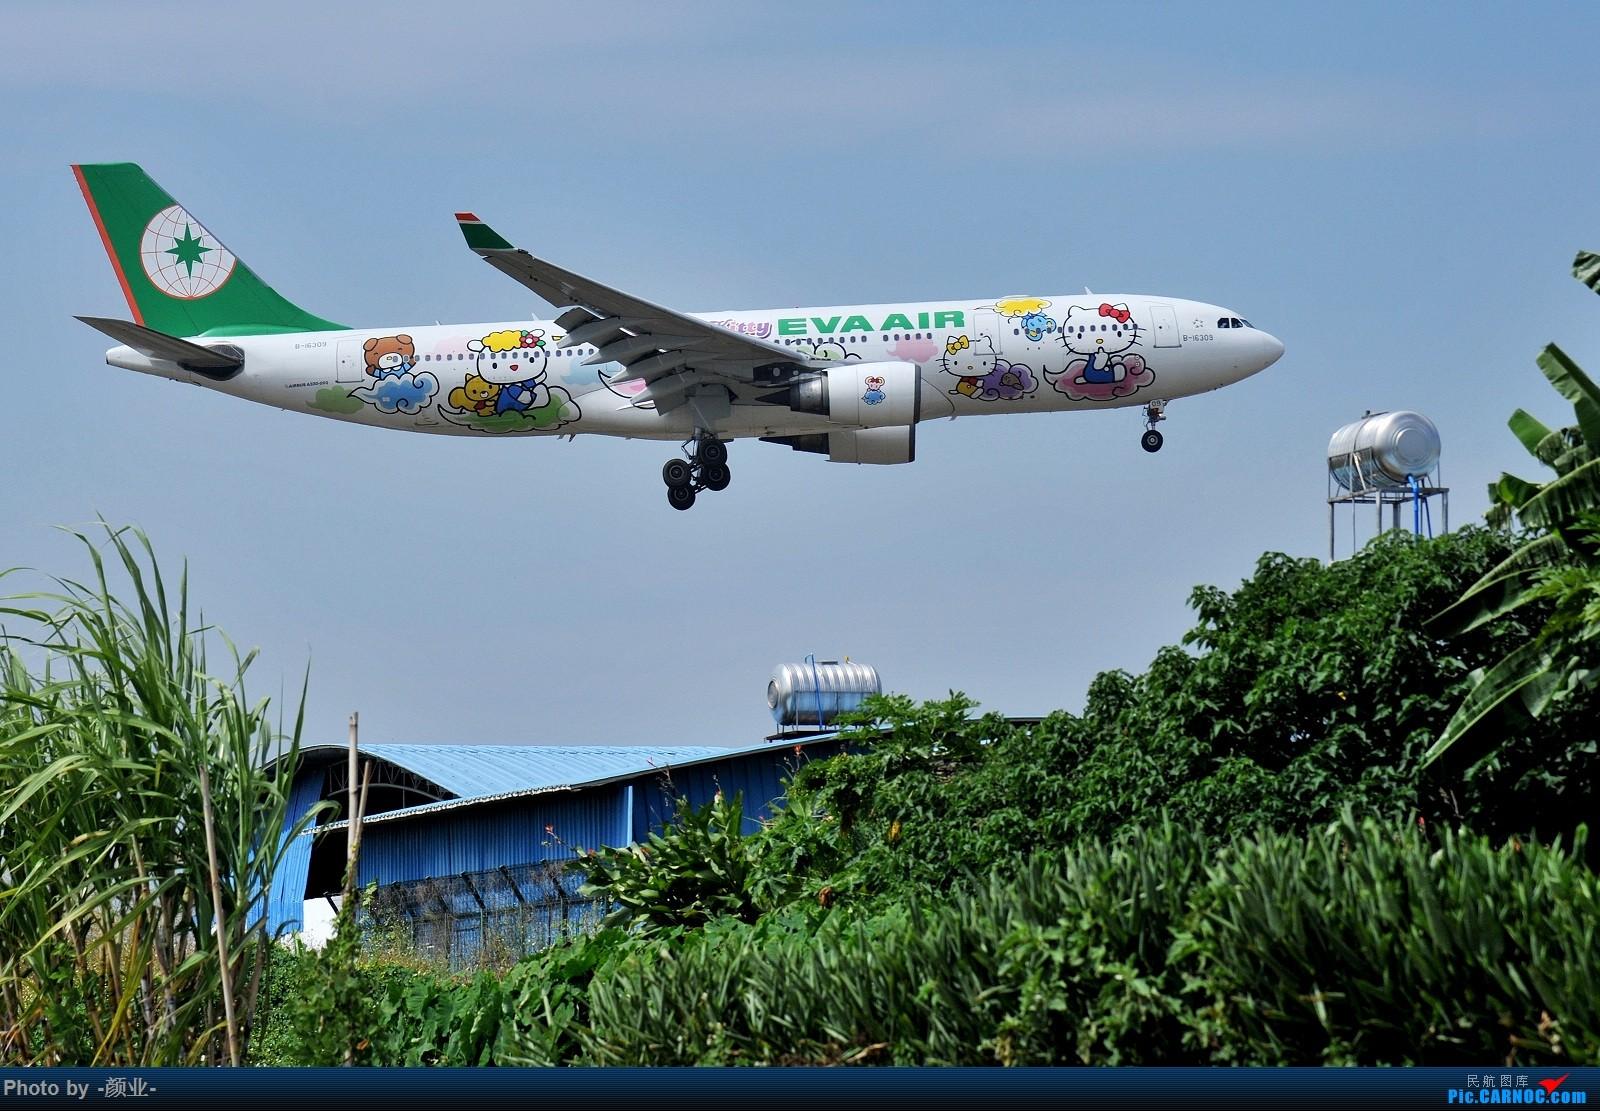 Re:[原创]2011-2016我的打灰机心情[广州] AIRBUS A330-200 B-16309 中国广州白云国际机场